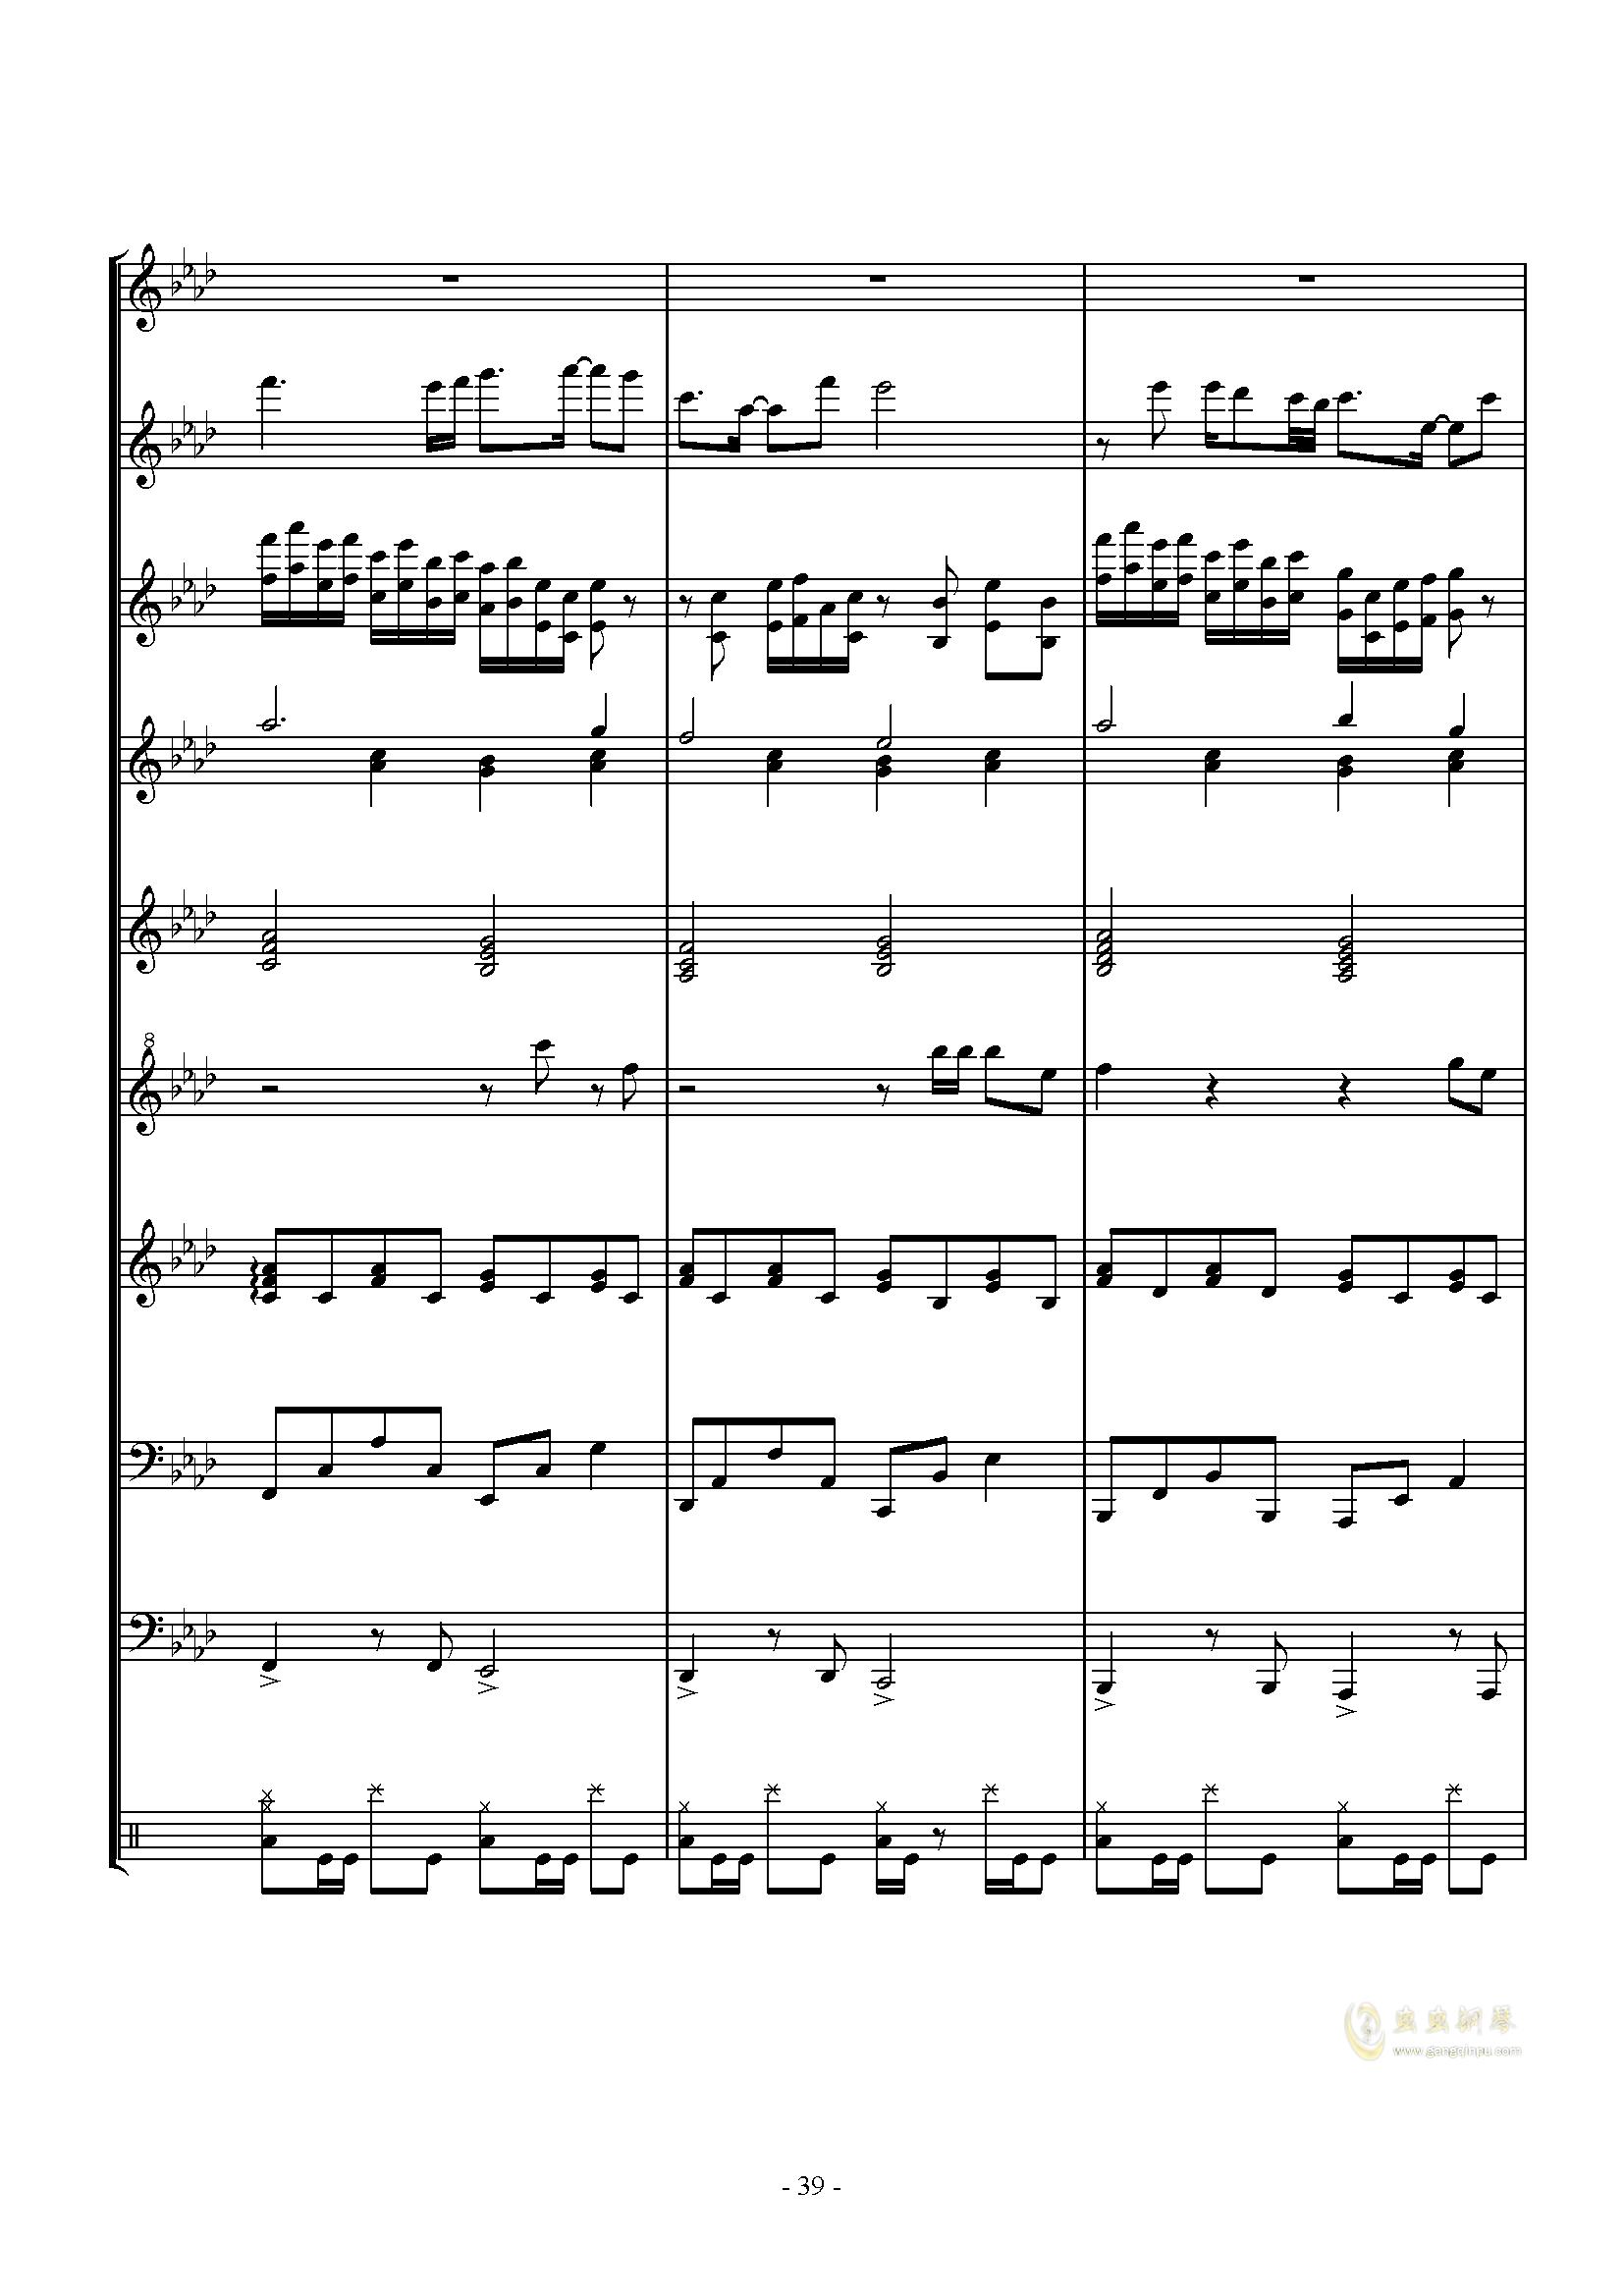 キミガタメ钢琴谱 第39页